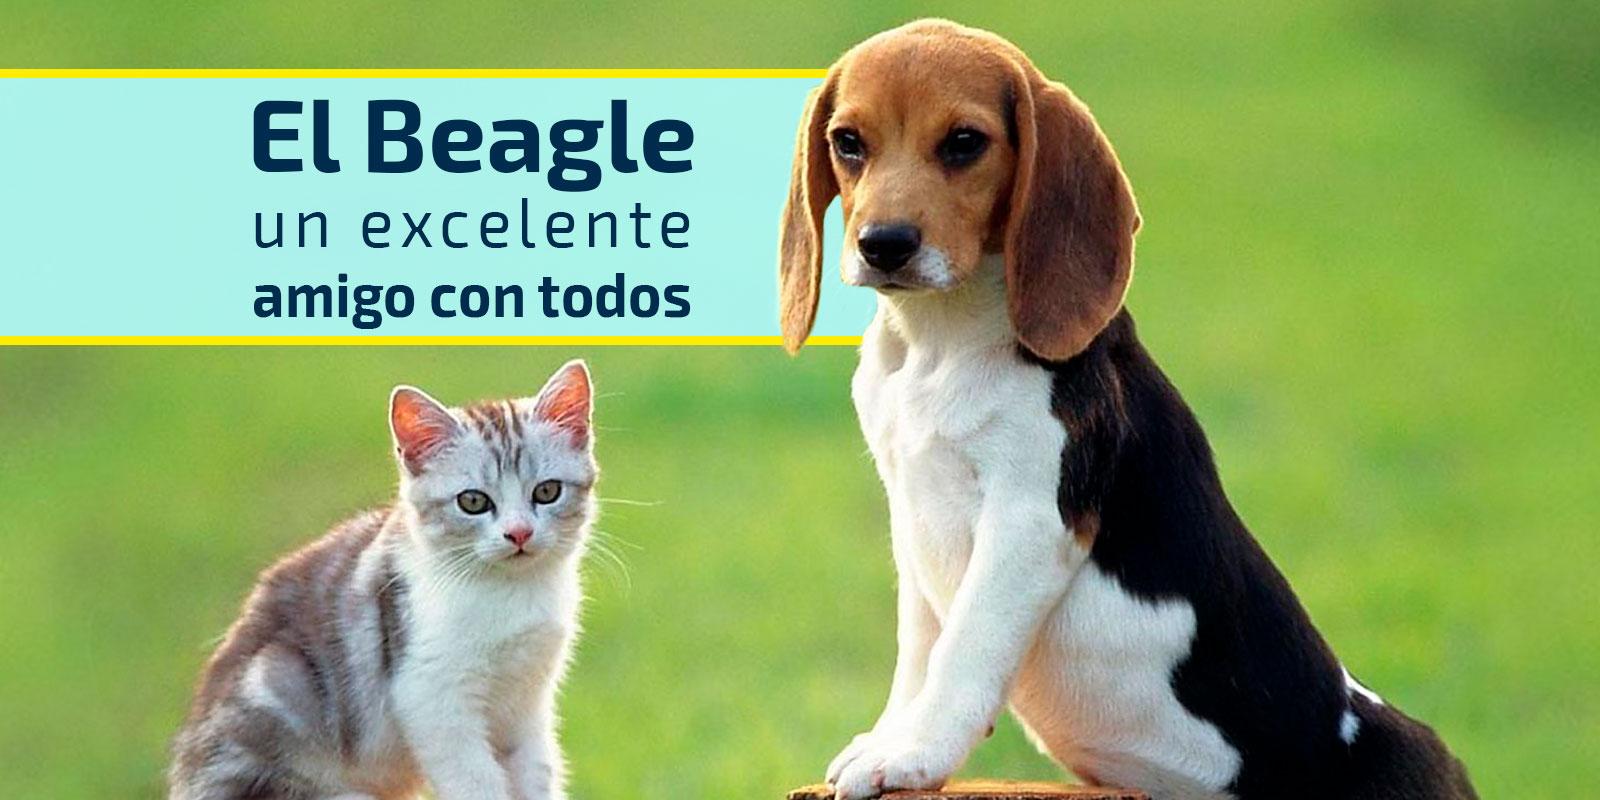 el mejor amigo de los niños, el beagle